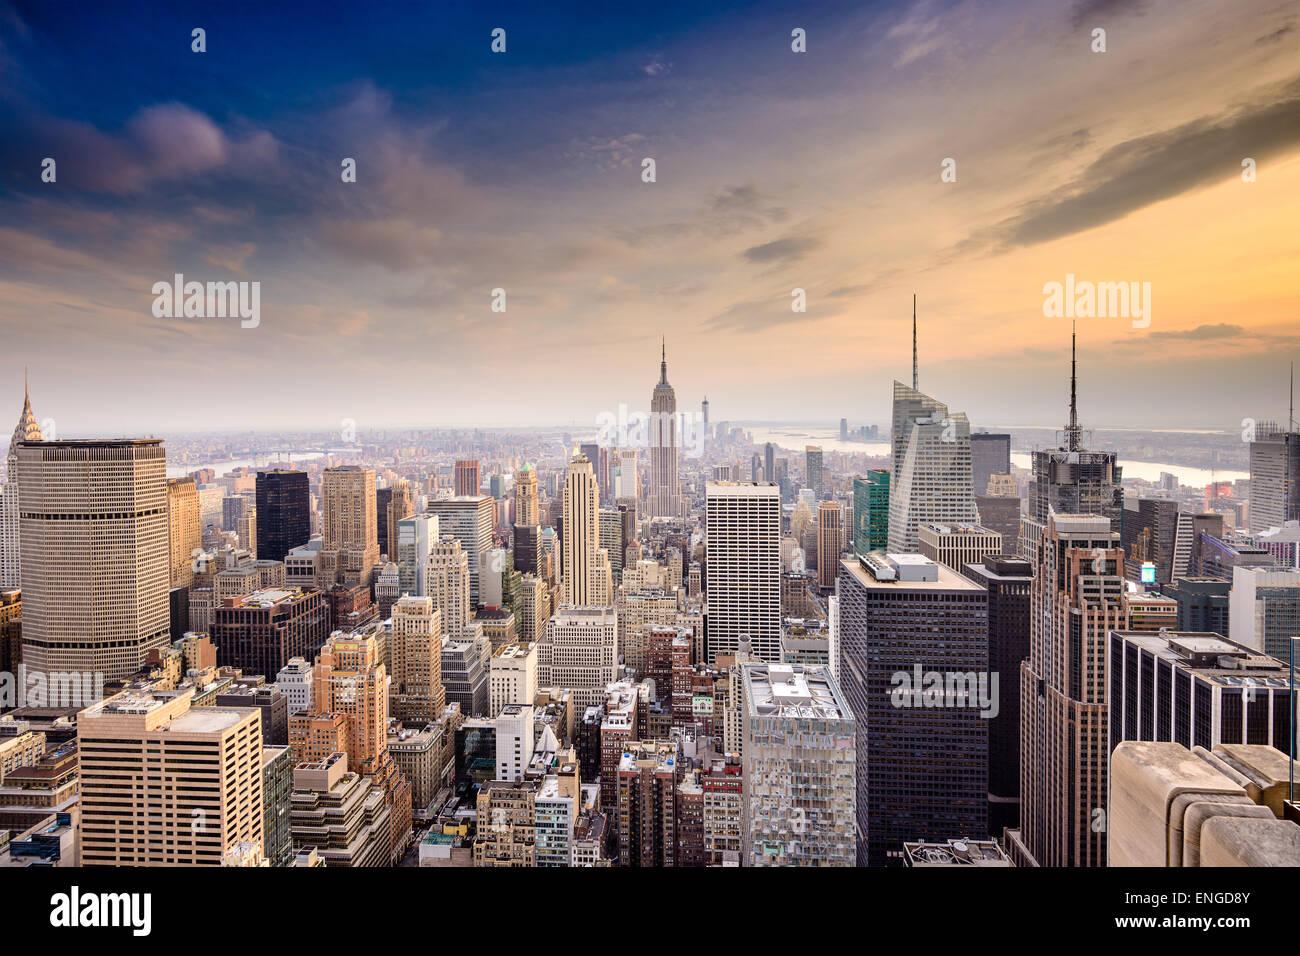 La Ciudad de Nueva York, EE.UU. famosos rascacielos en Manhattan. Imagen De Stock